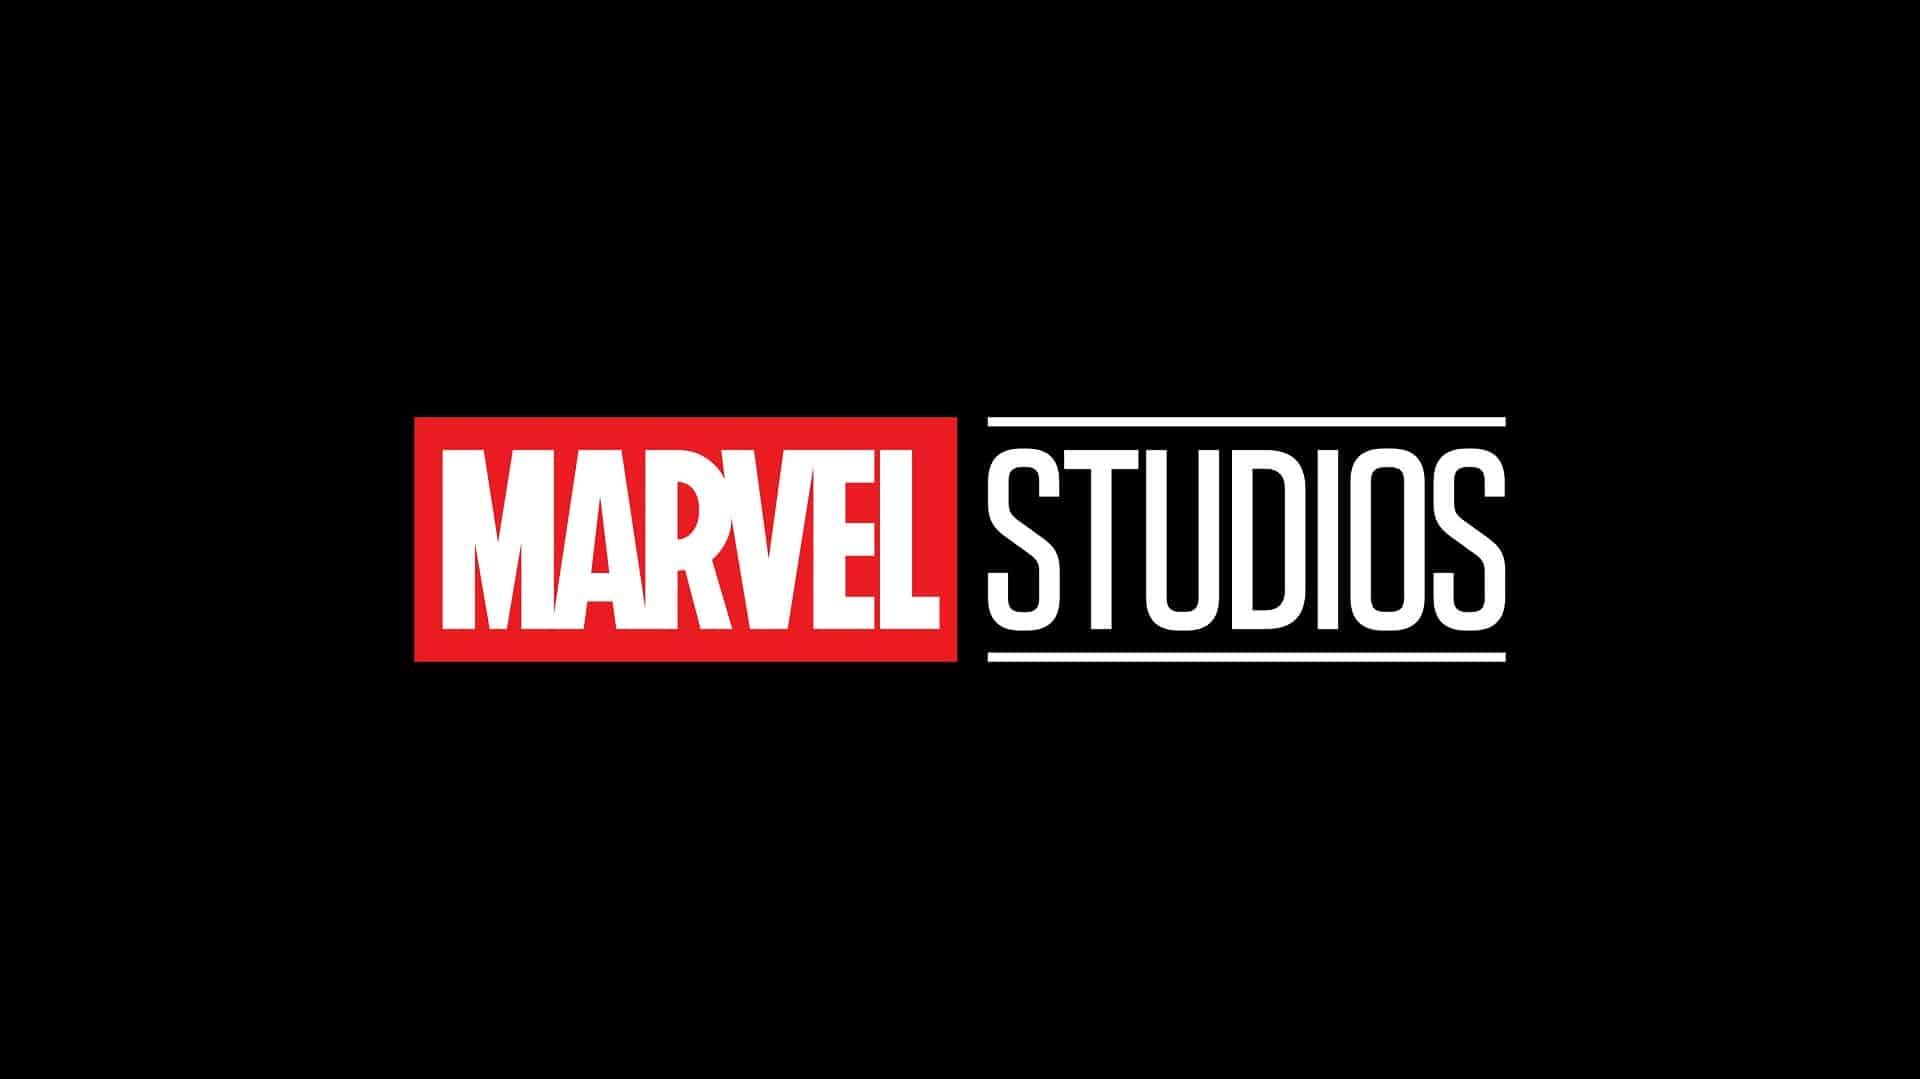 Nuove sinossi ufficiali per le serie Marvel su Disney+ thumbnail